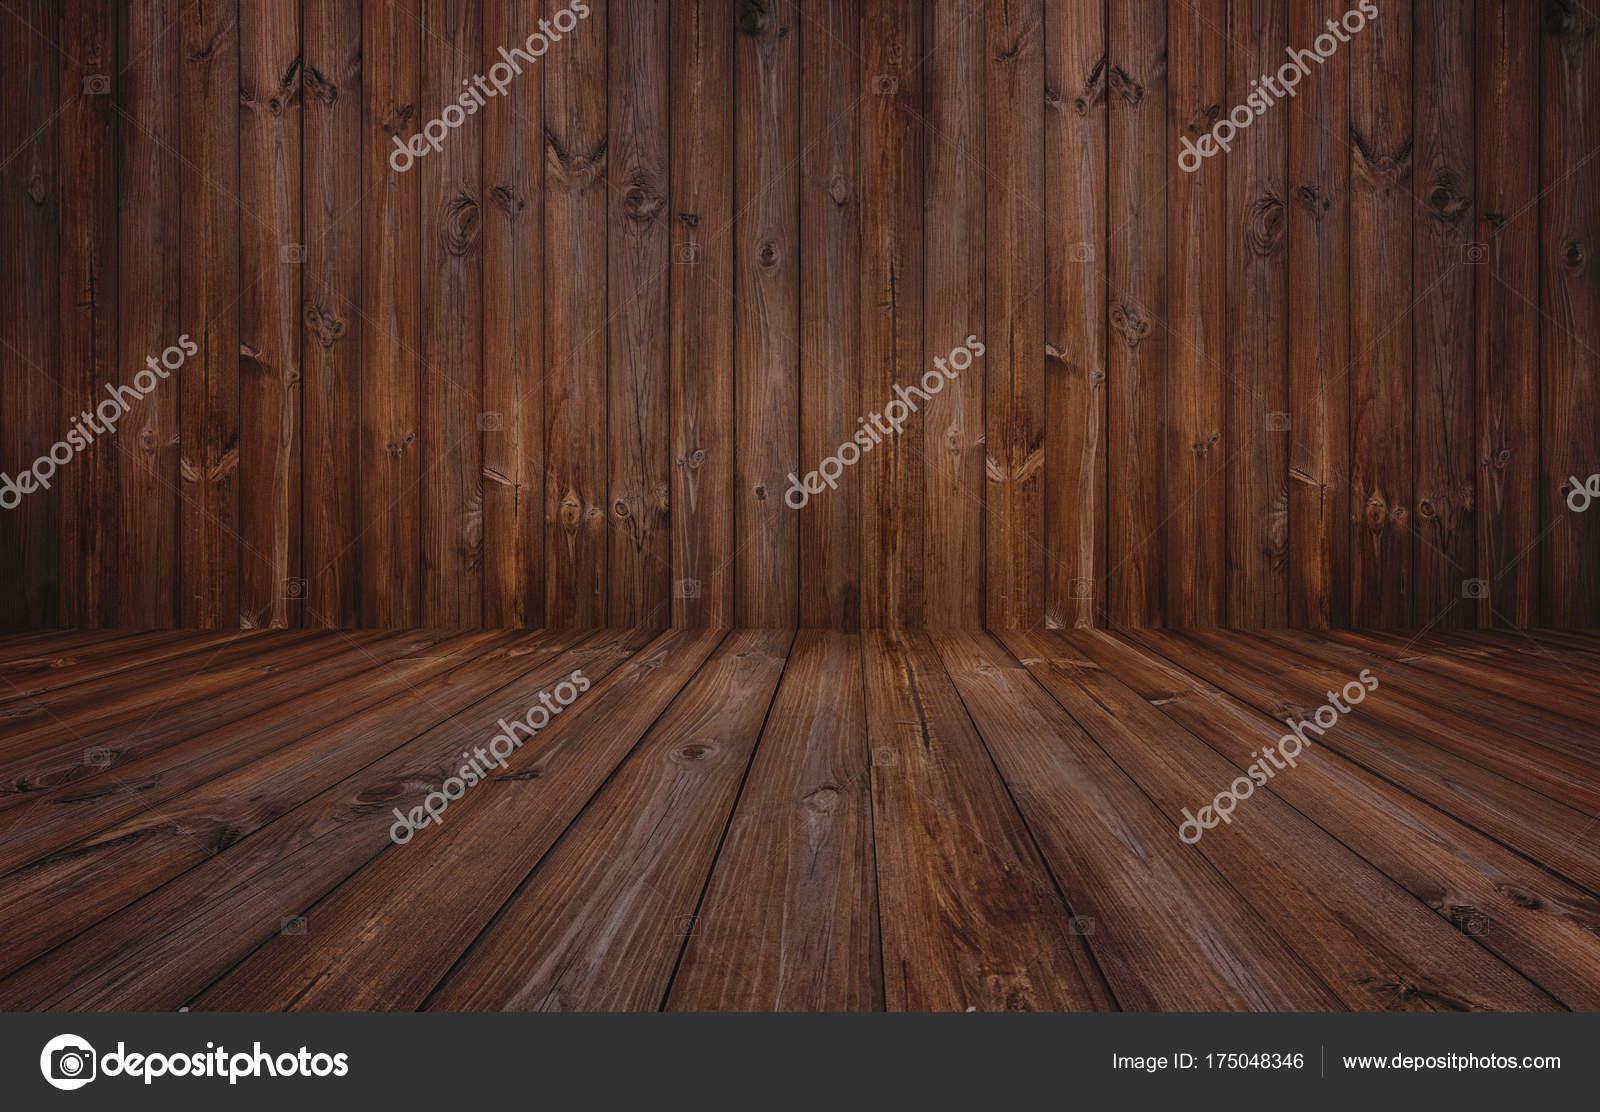 Dark Wood Texture Background U2014 Photo By SasinP.